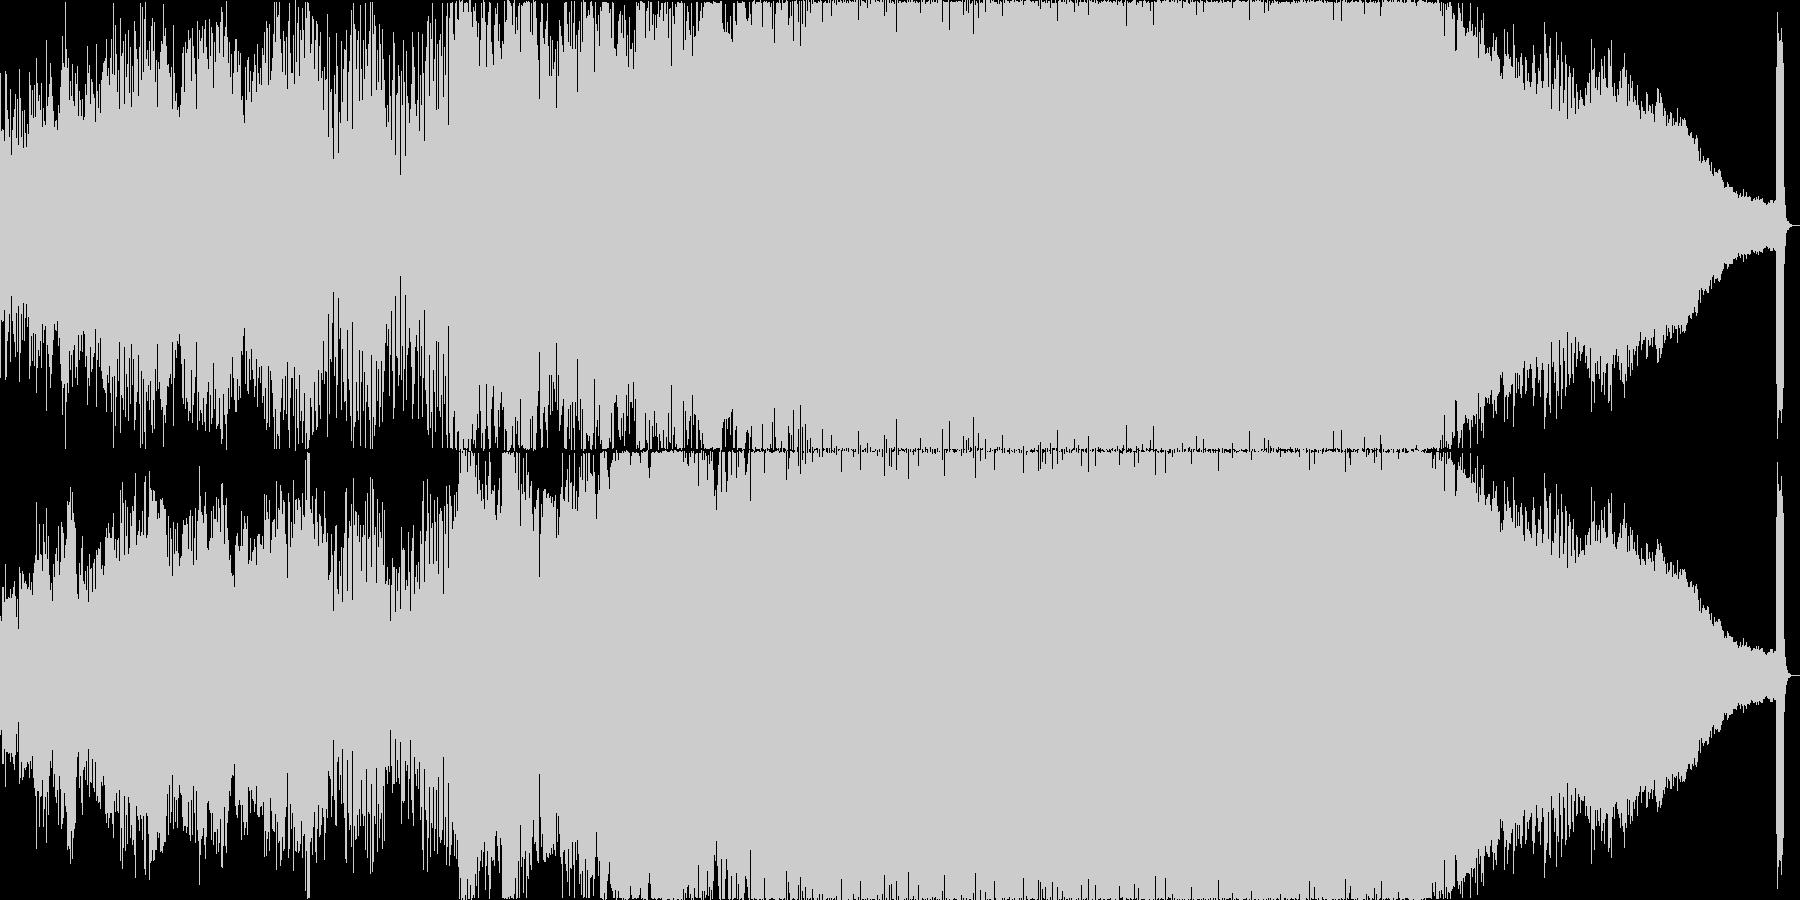 ジェネリック:映画の前後のクレジッ...の未再生の波形